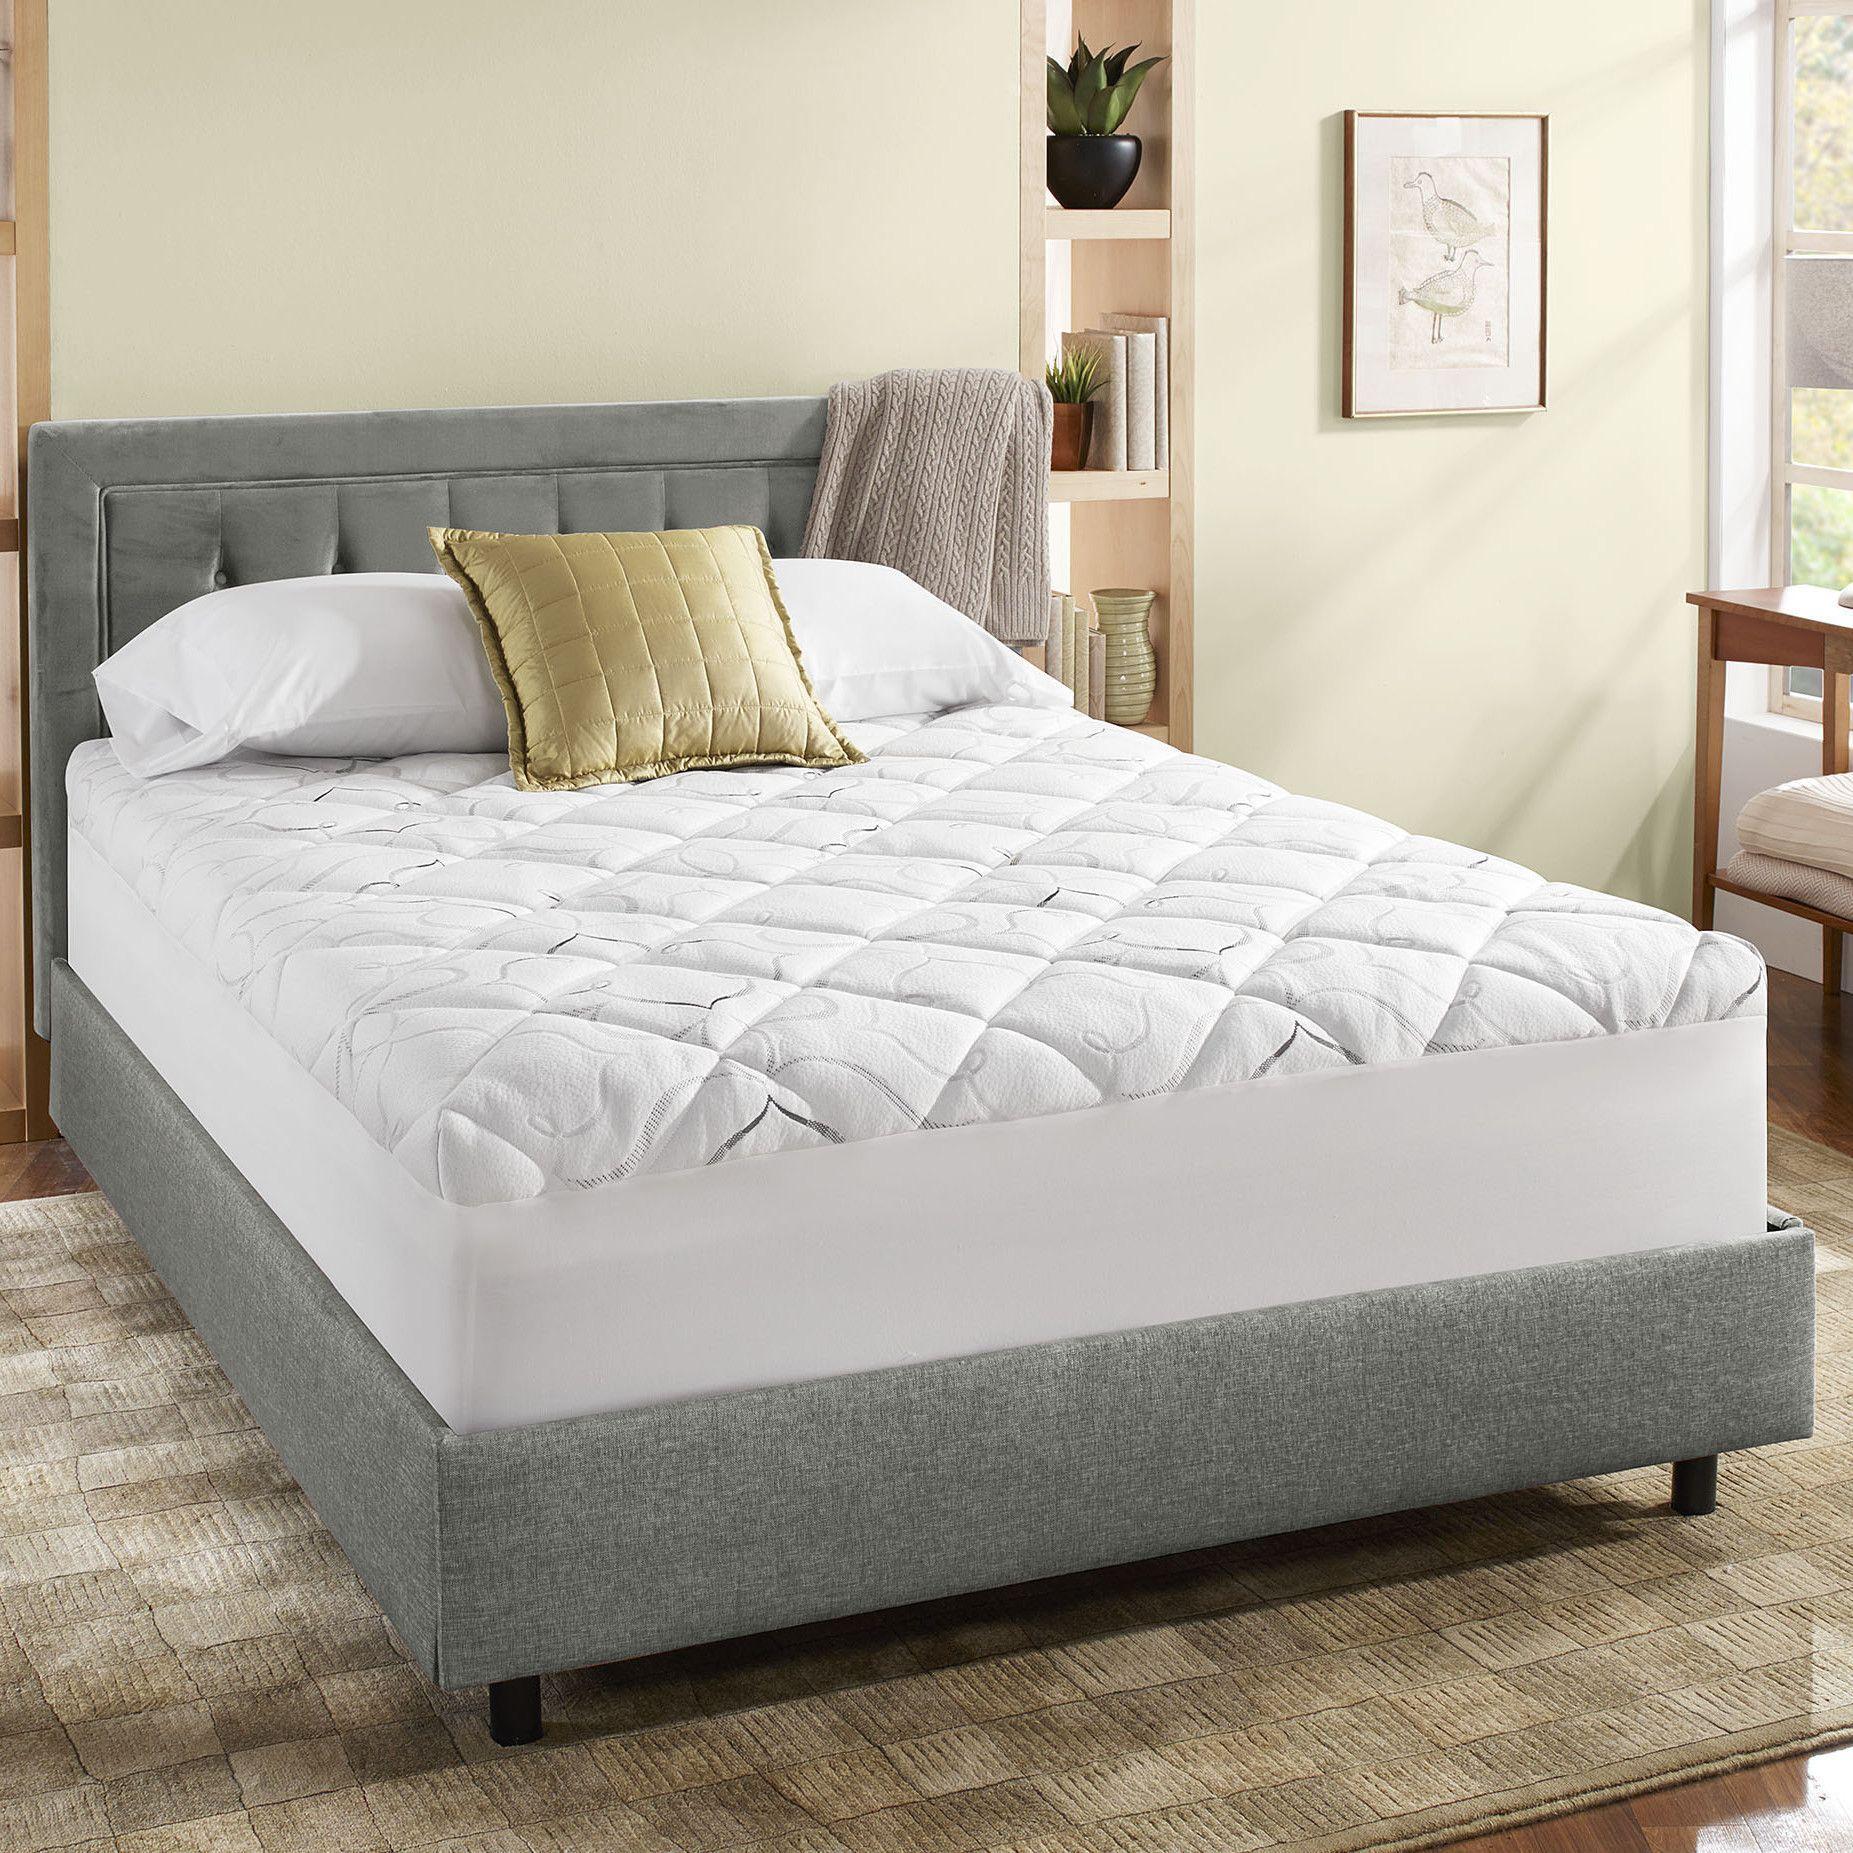 Instant Pillow Top Memory Foam and Fiber Hybrid Mattress